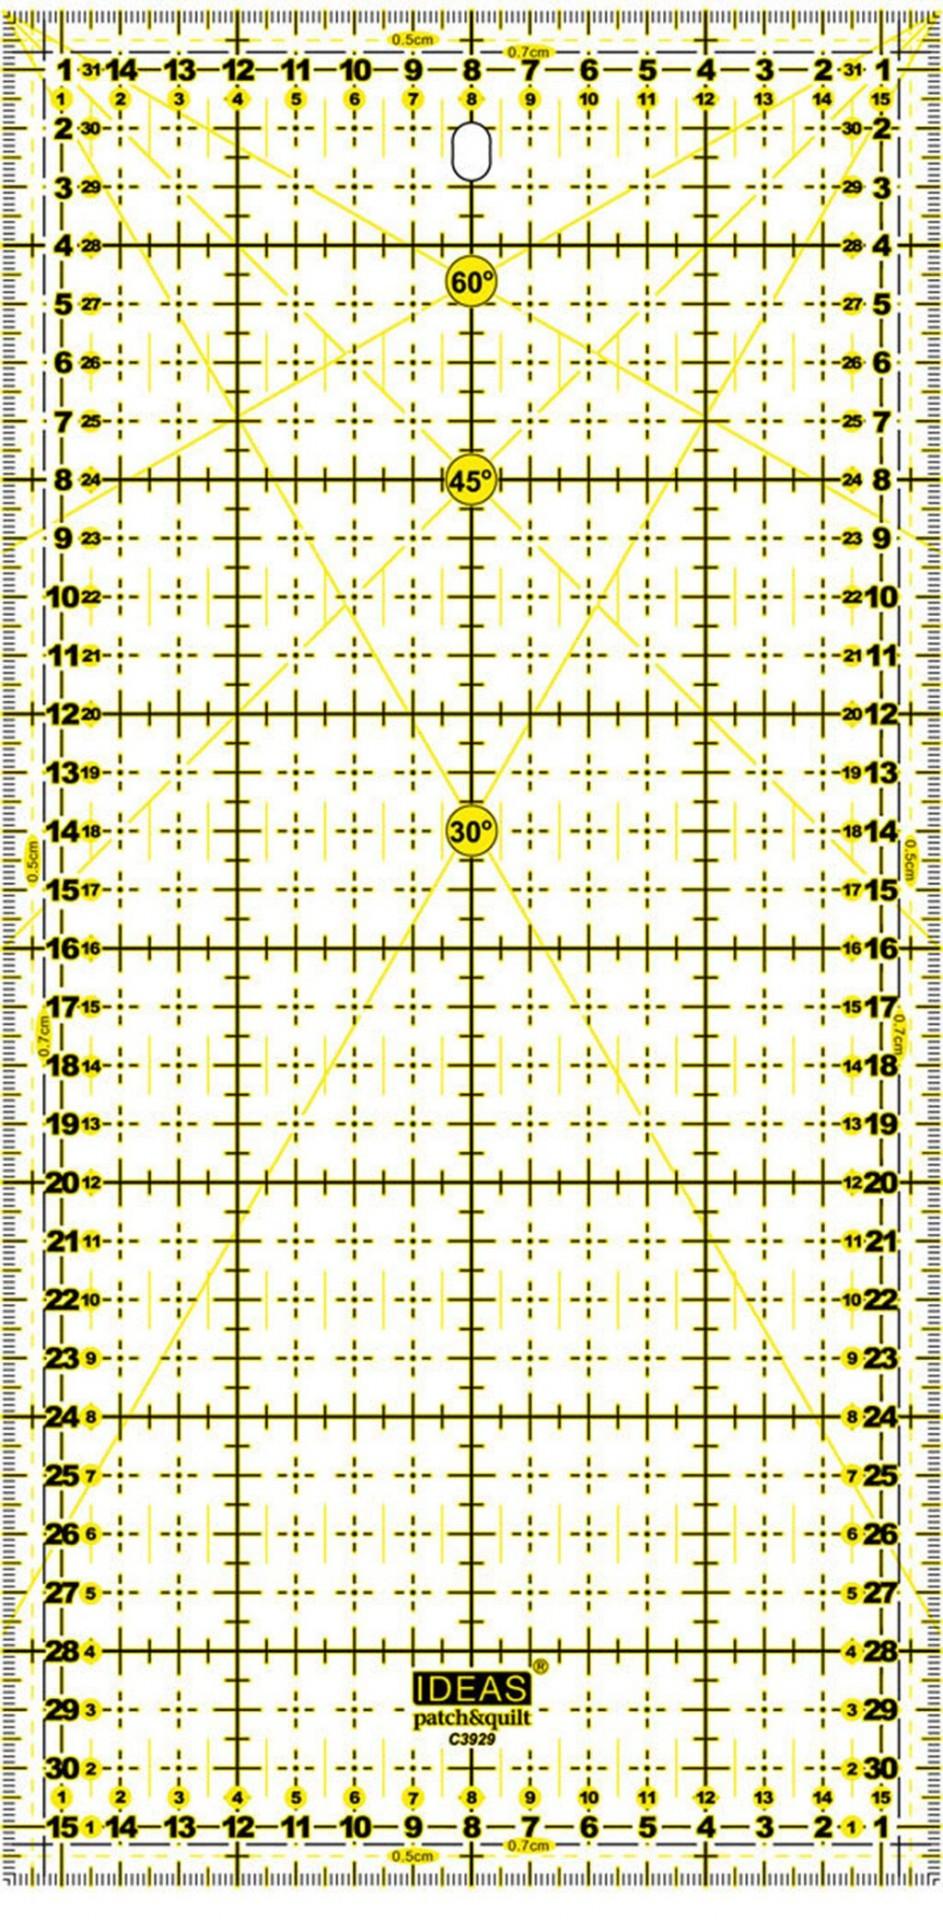 Régua patchwork 15x30